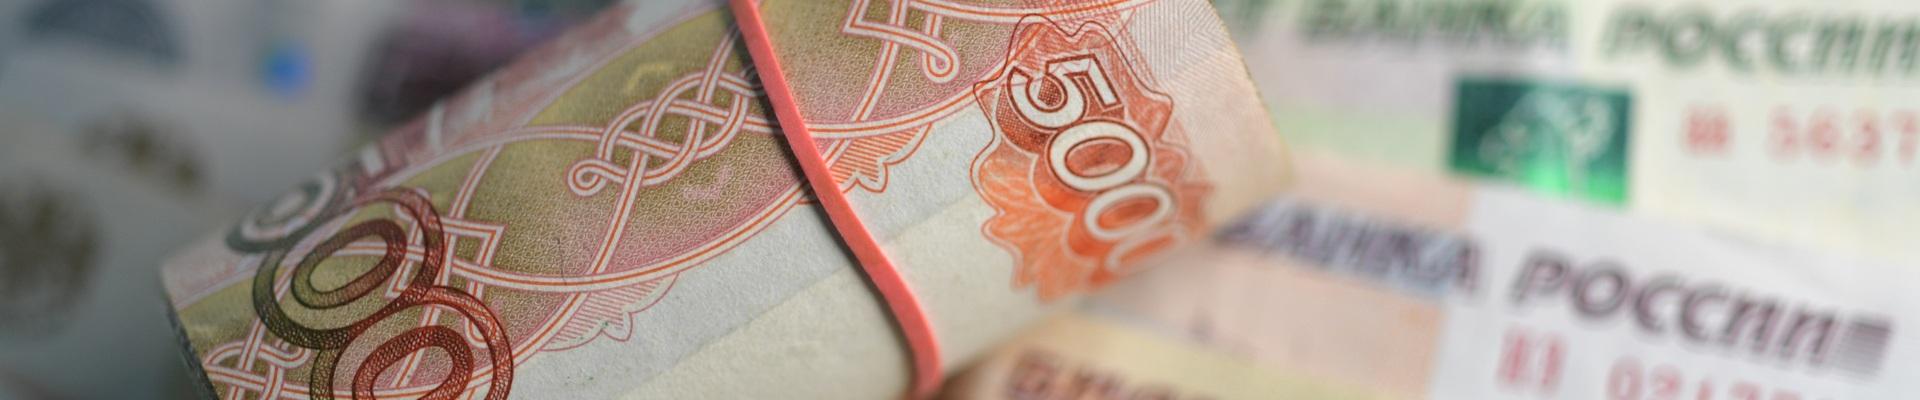 Союз отельеров отправил официальную просьбу в МЭР с целью получения отсрочки по выплатам кредитов